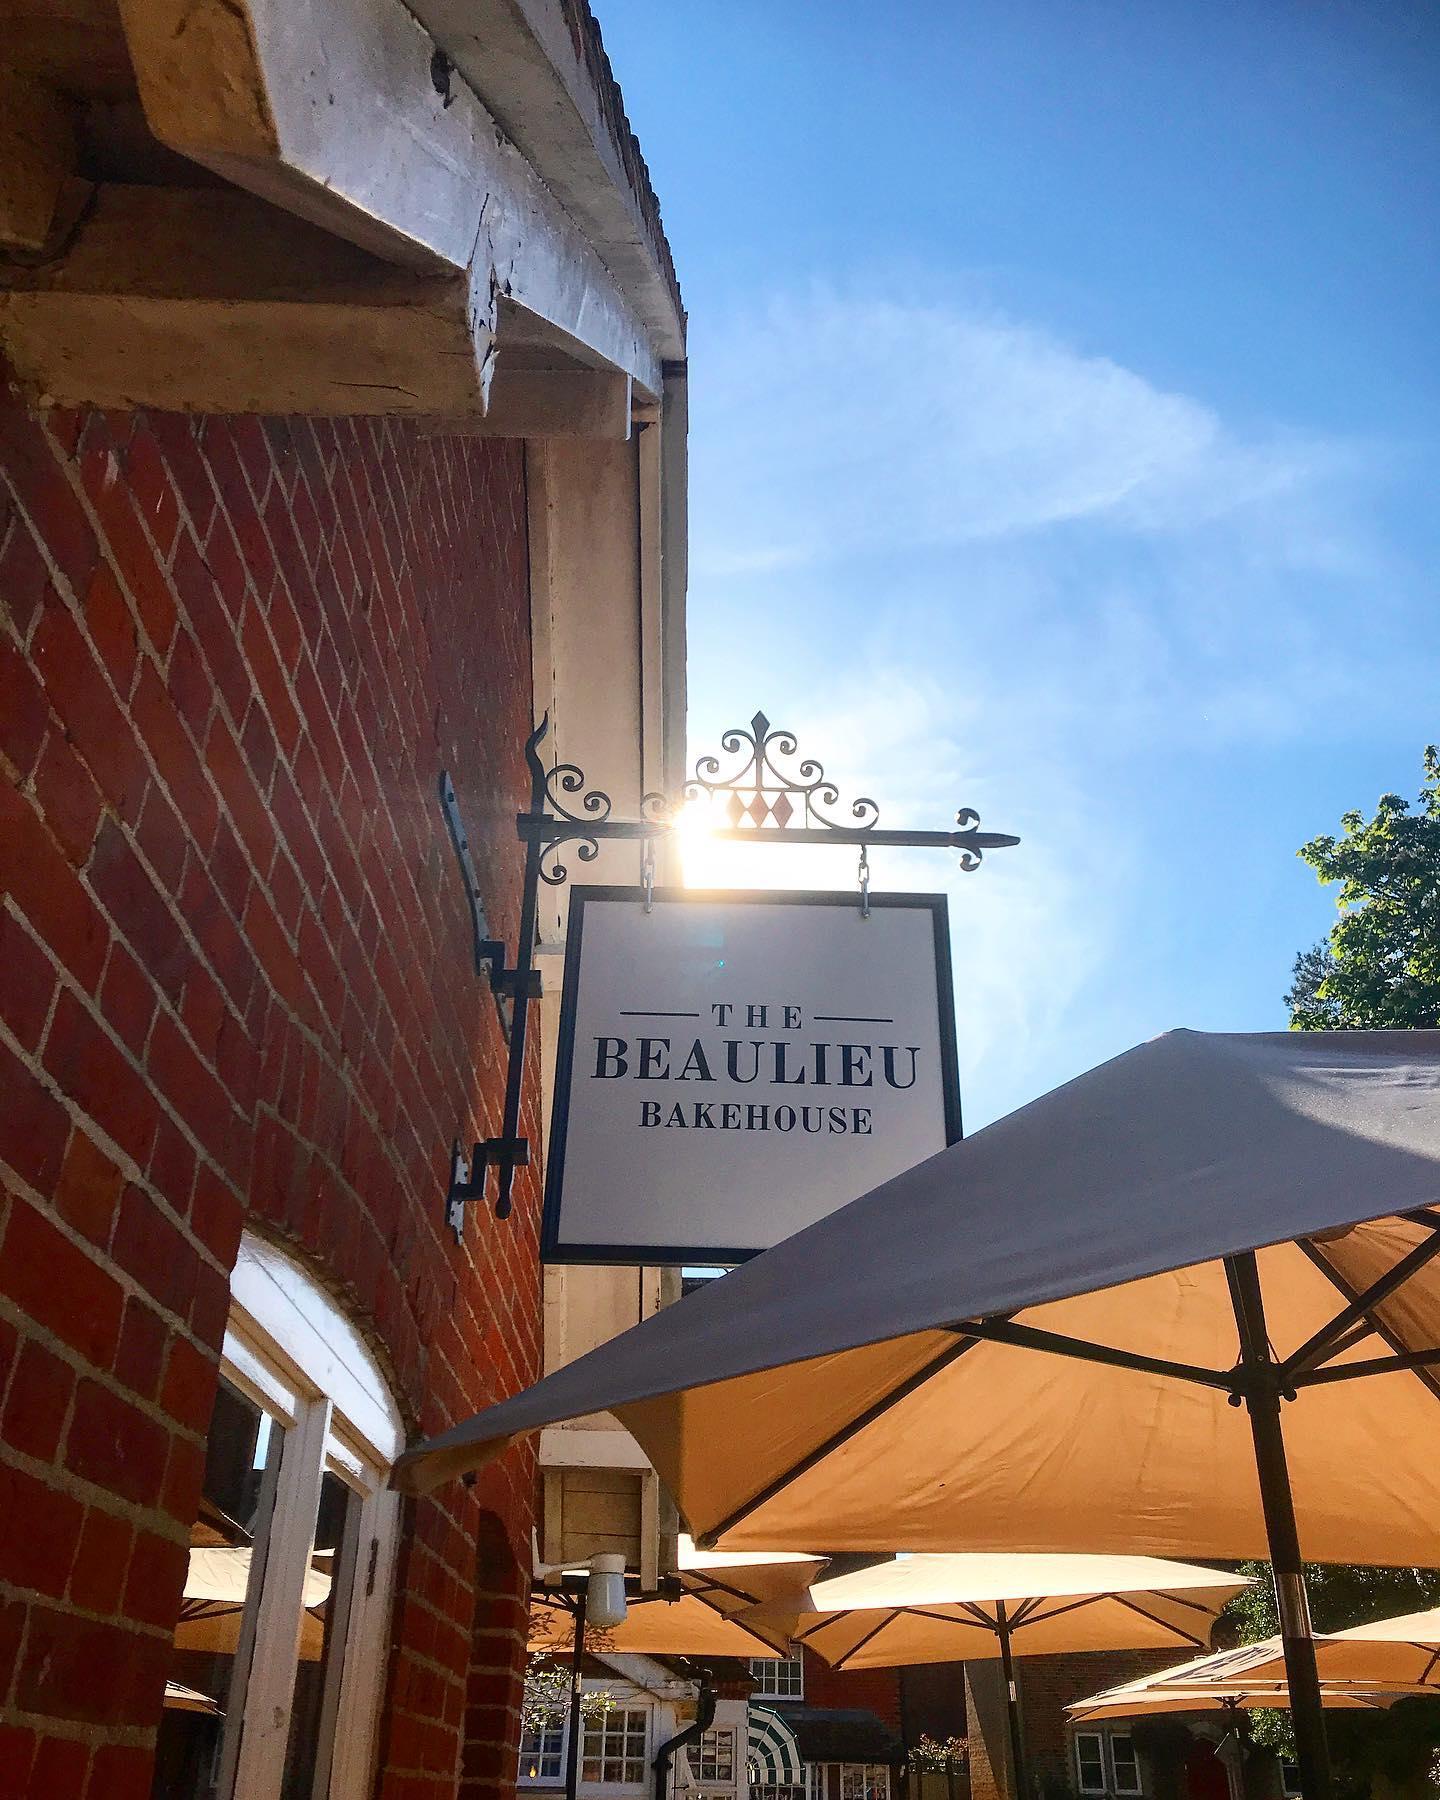 The Beaulieu Bakehouse Sign